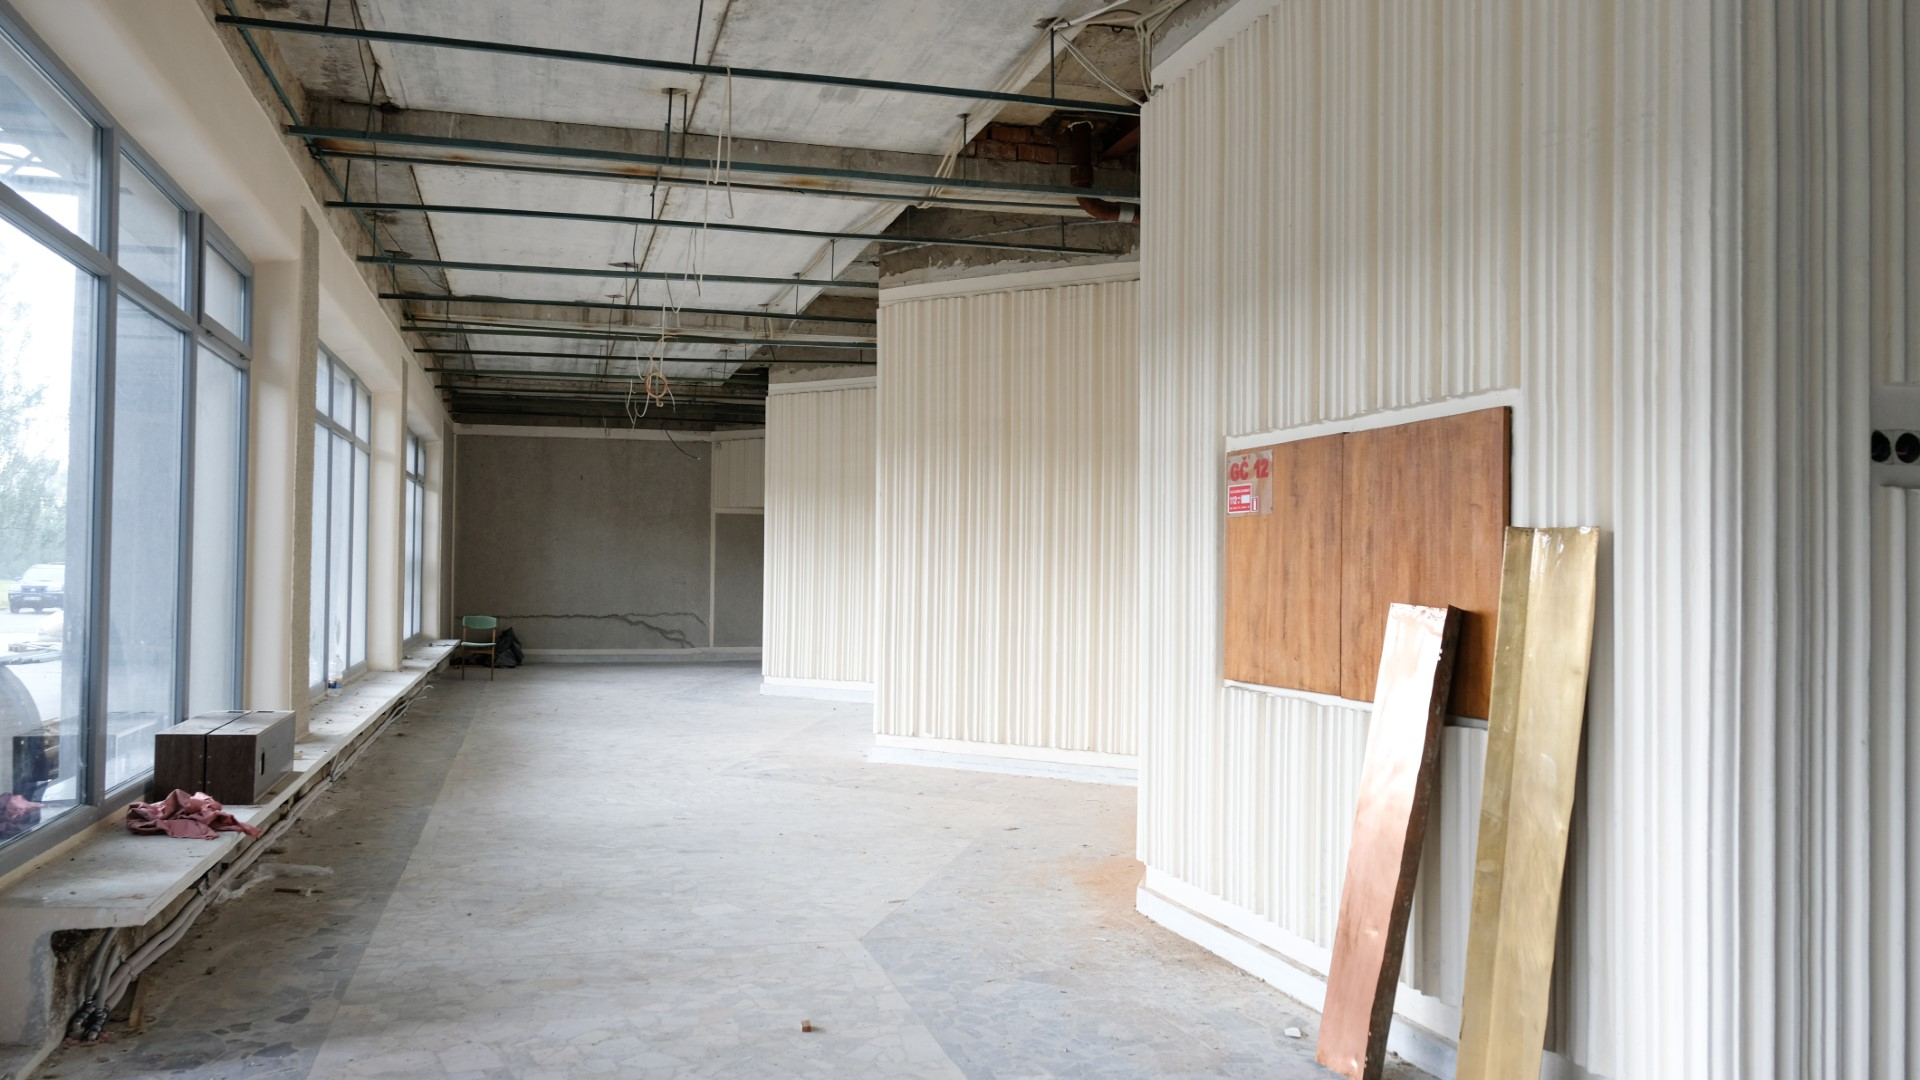 Alytaus kultūros centras rengiasi naujais rūbais 3